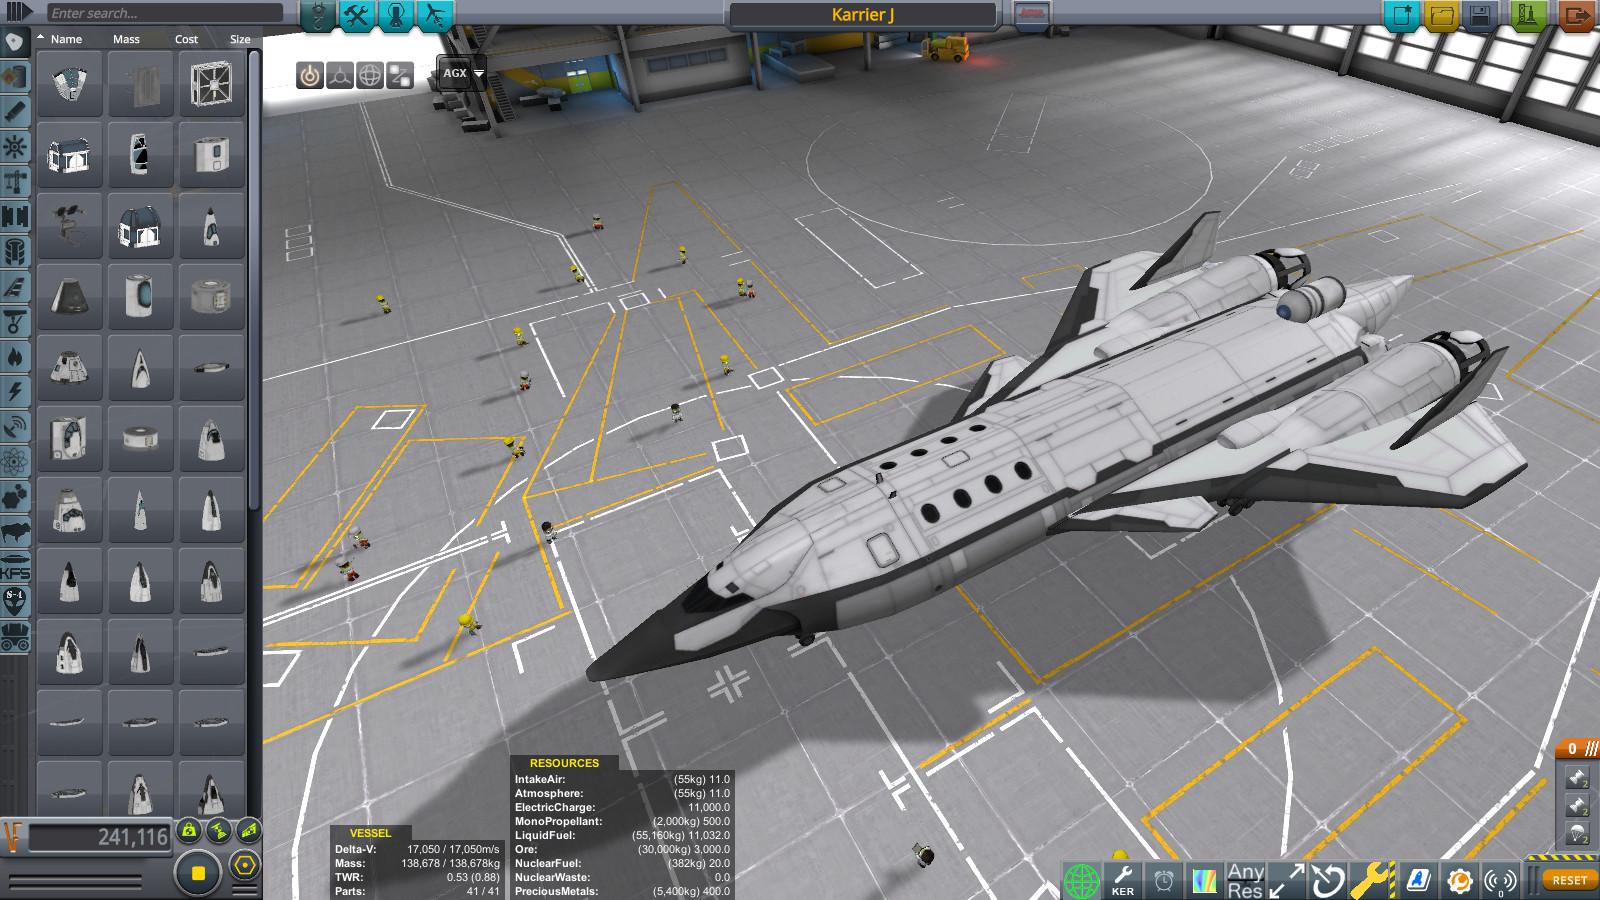 Honeyview_screenshot337.jpg